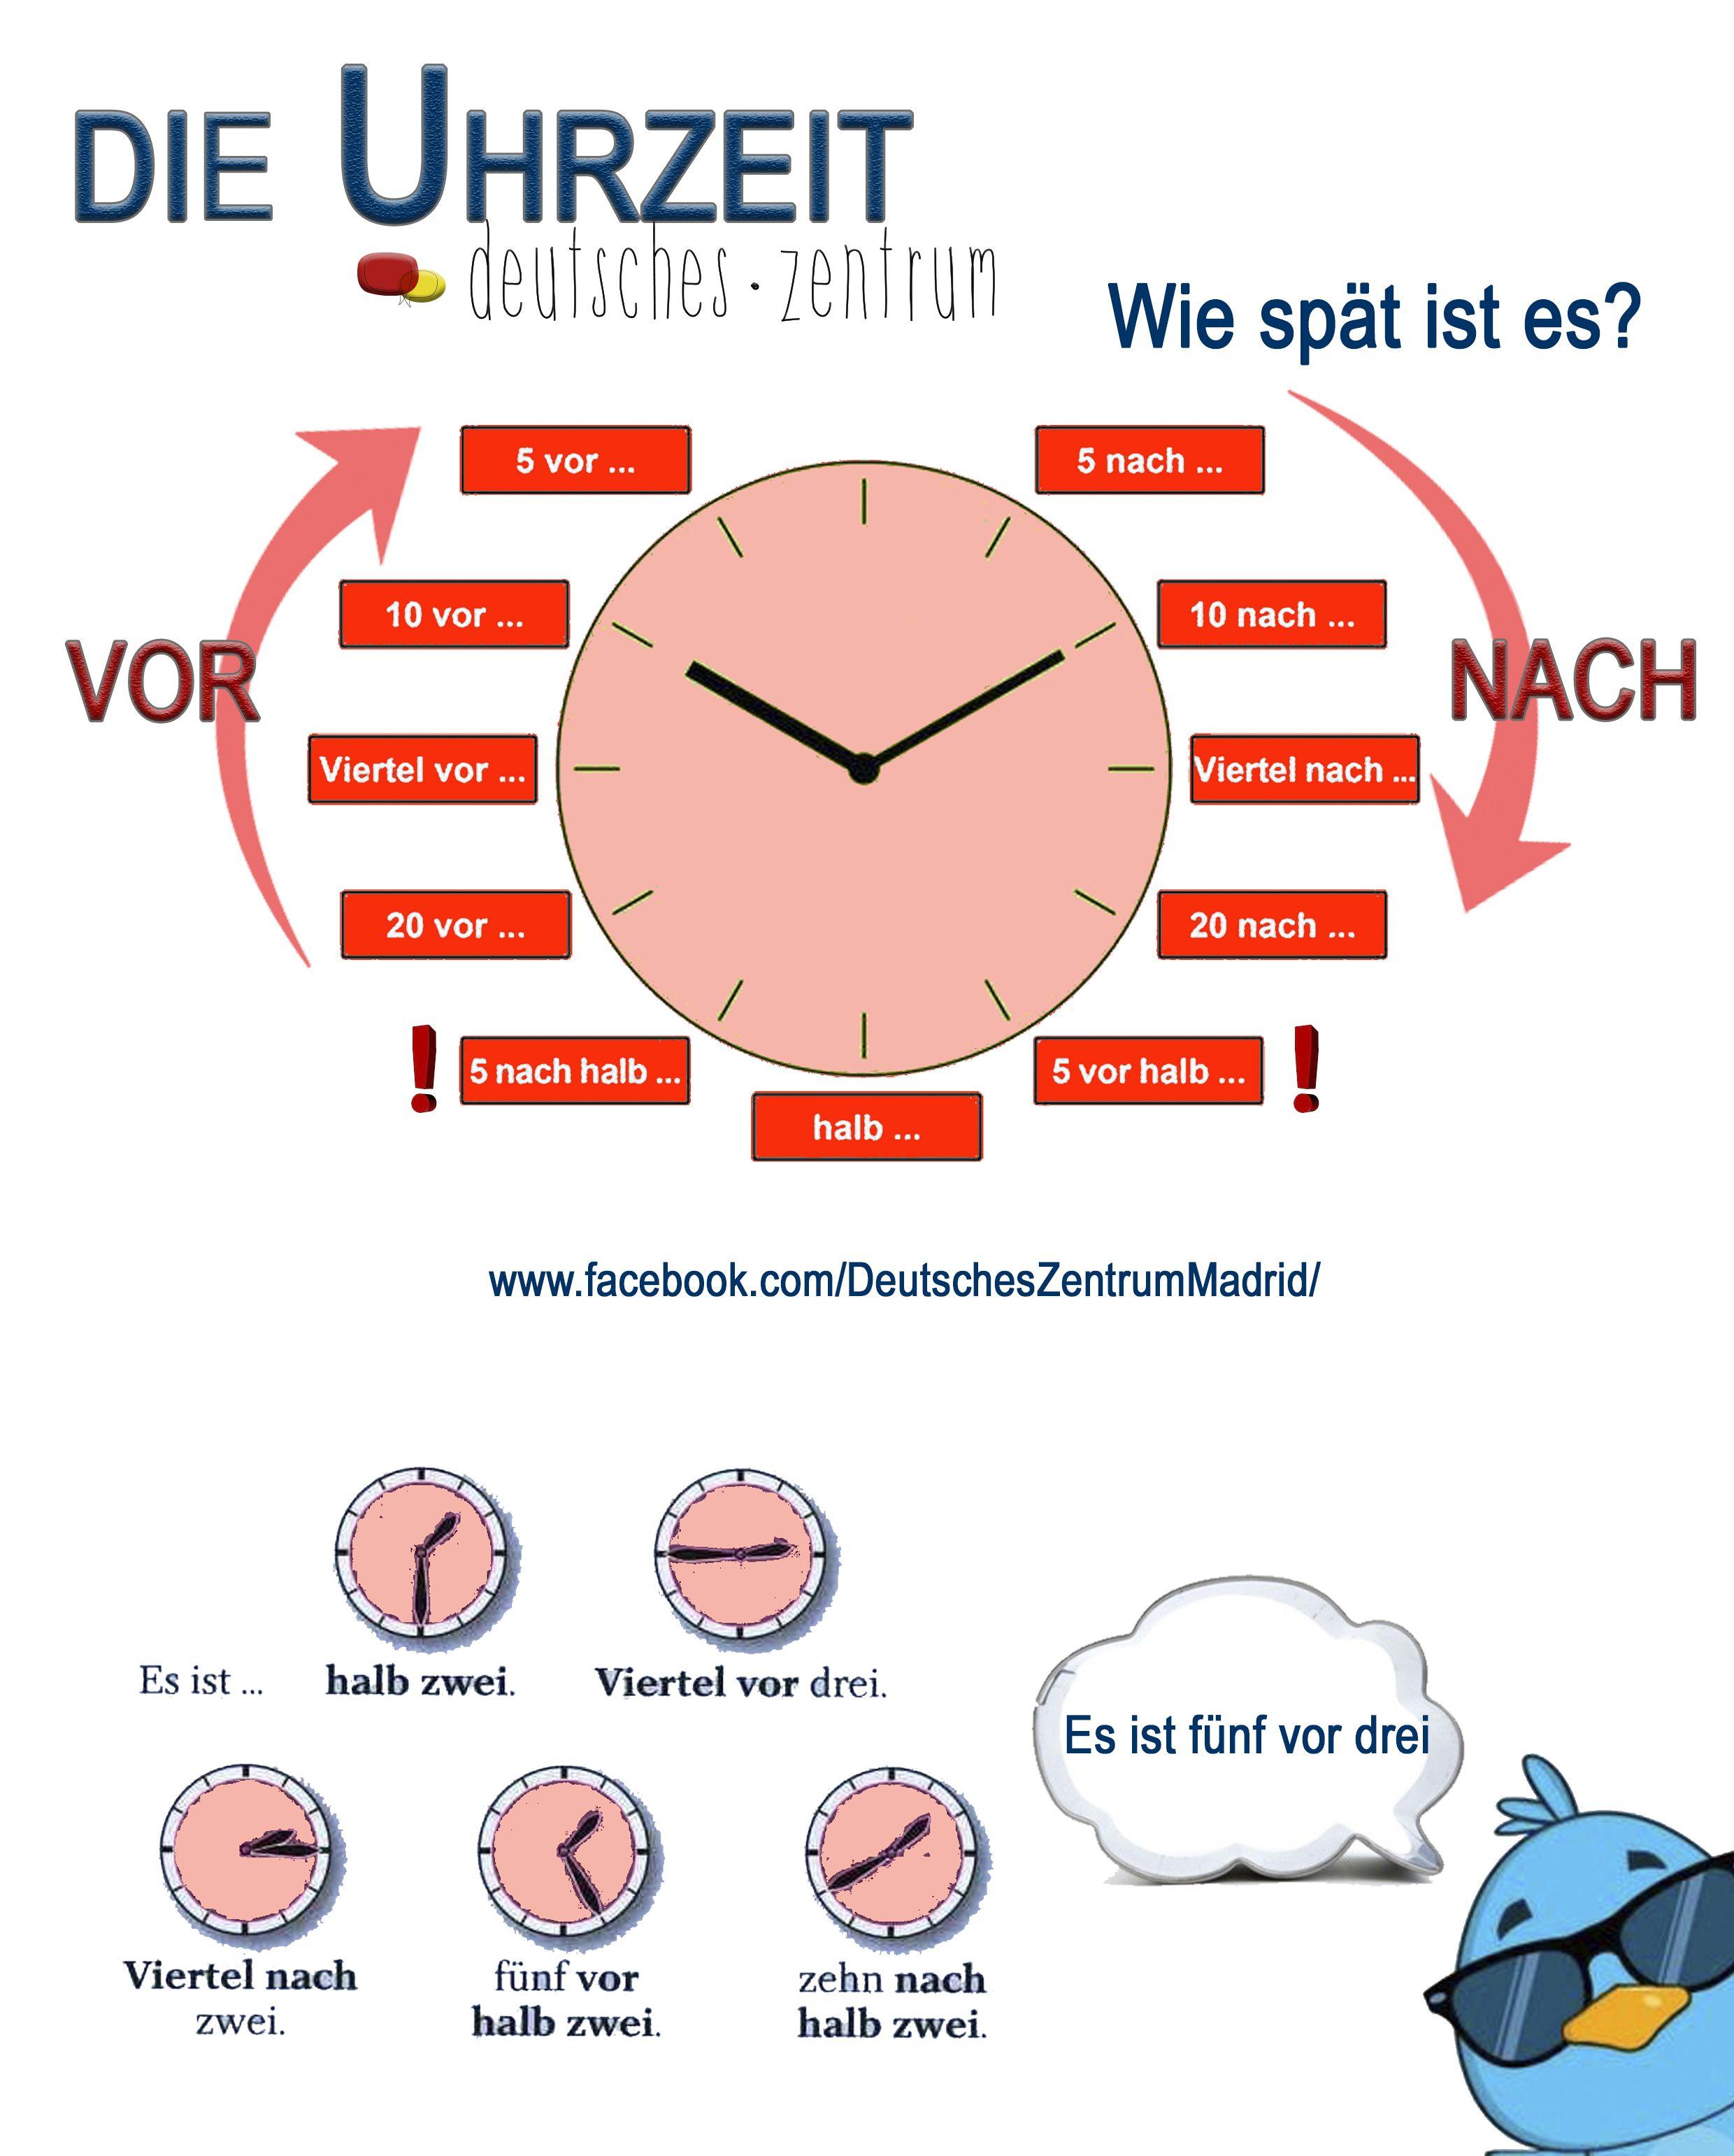 Uhrzeit Deutsch Wortschatz Grammatik Aleman German Daf Vocabulario